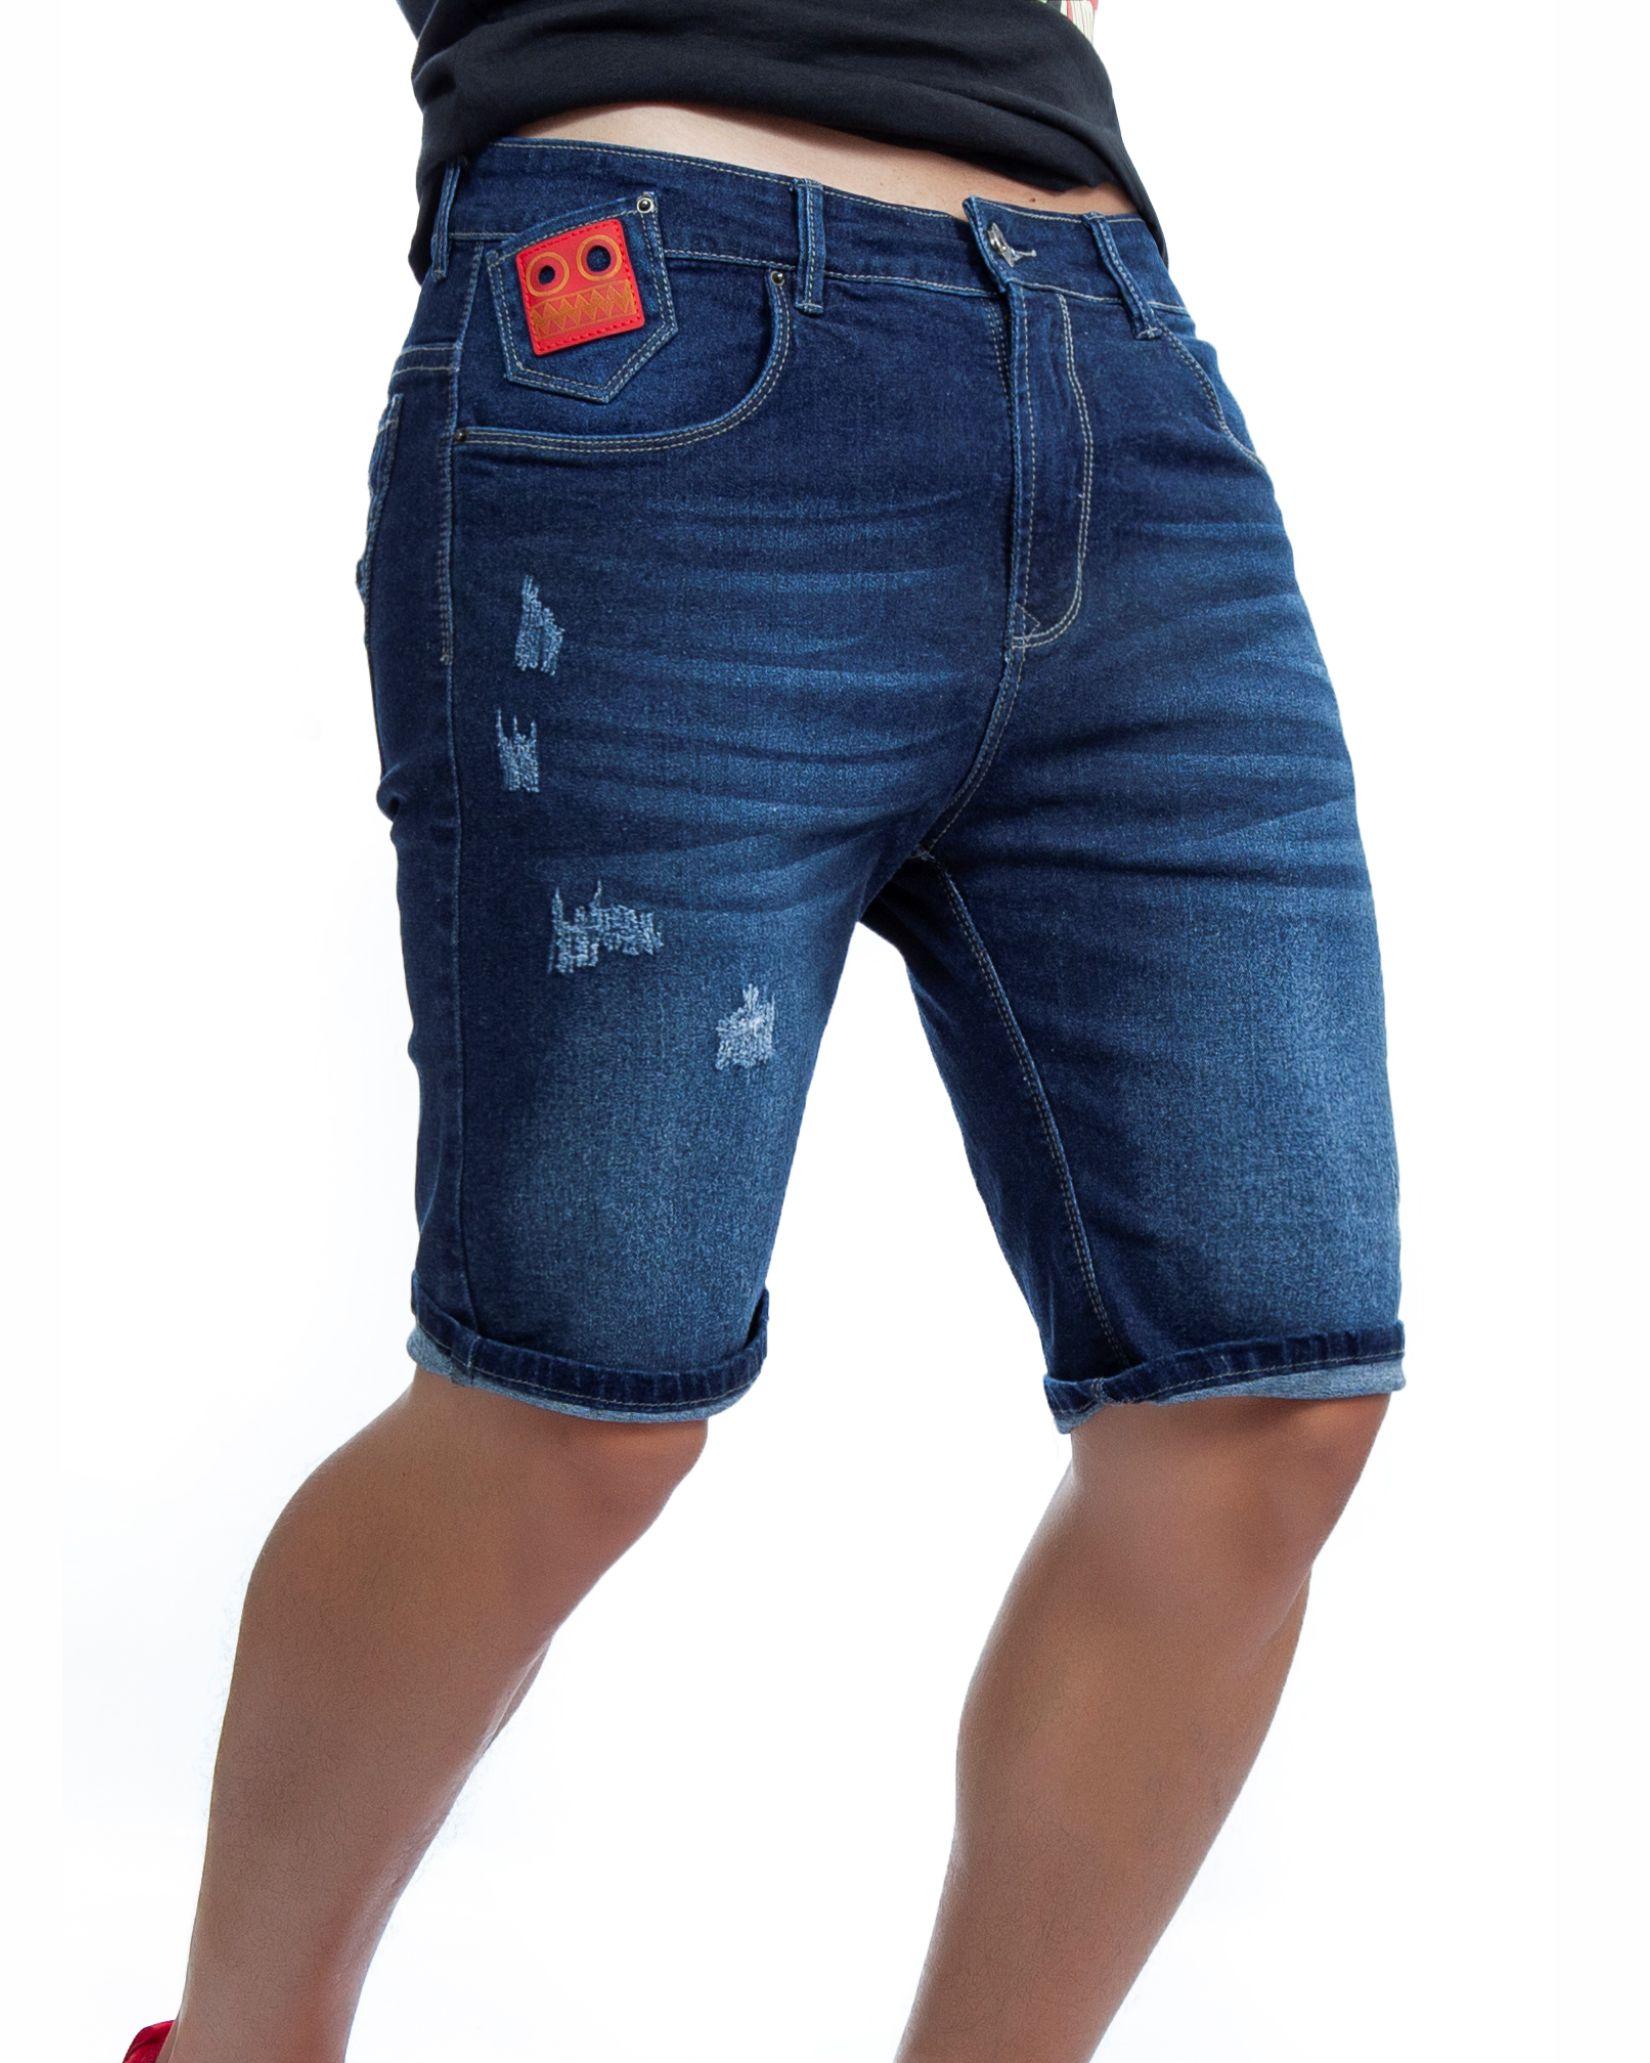 ref 1672 00 BERMUDA jean clasi, tela jean en algodon 98% + 2% expande. $67.000